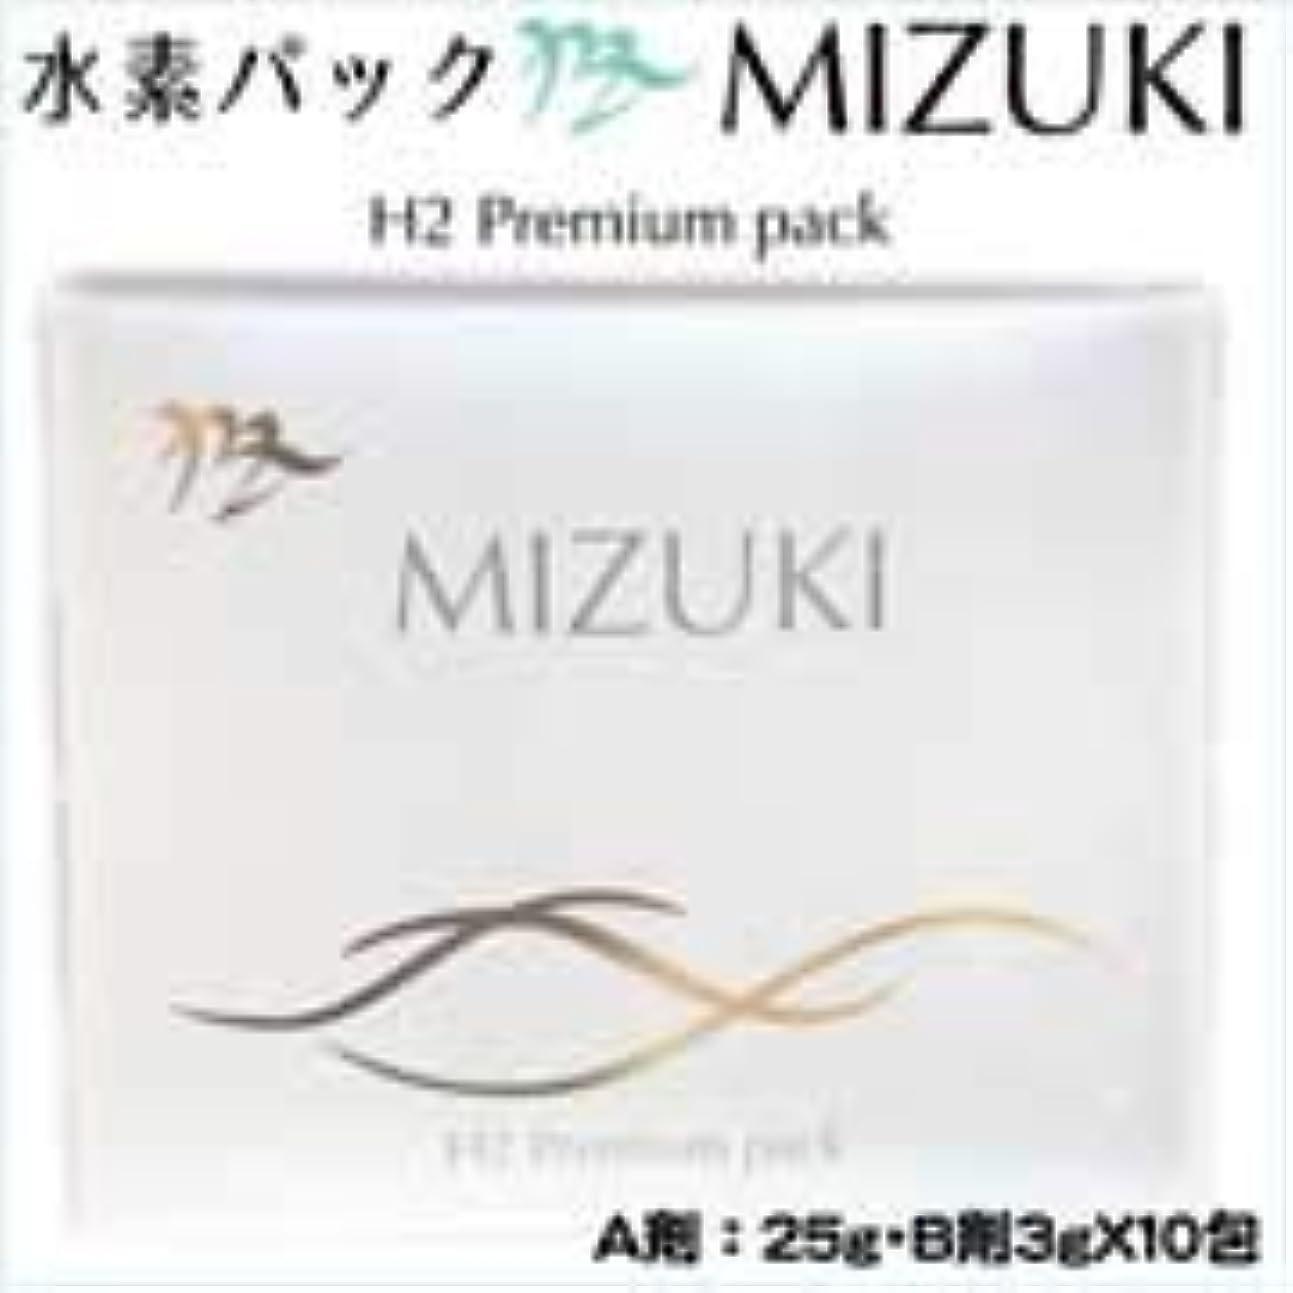 誠実登録する製油所MIZUKI H2 Premium pack ミズキ プレミアムパック A剤:25g、B剤:3gX10包 スパチュラ付き